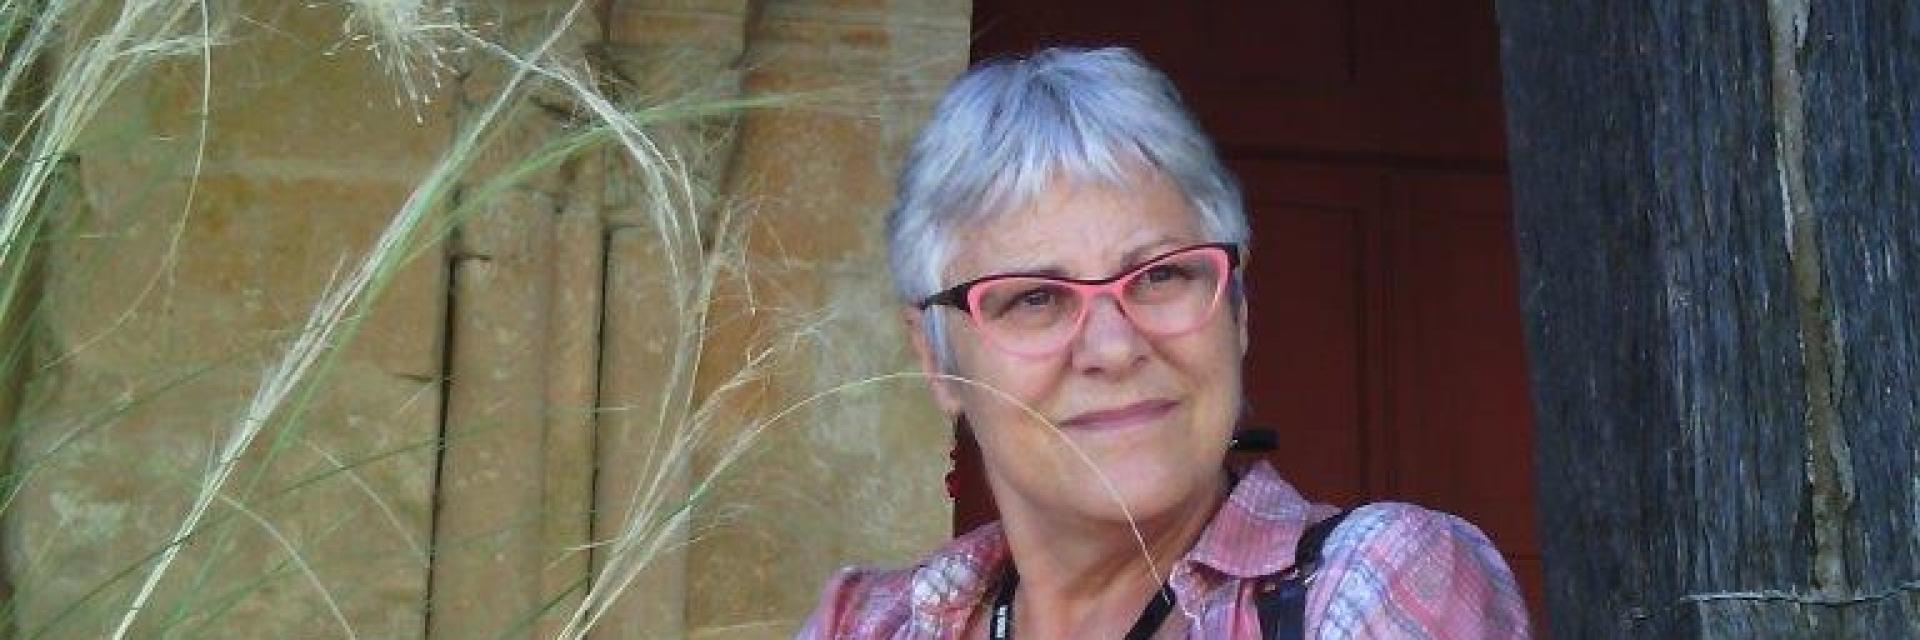 Yvette Greeters